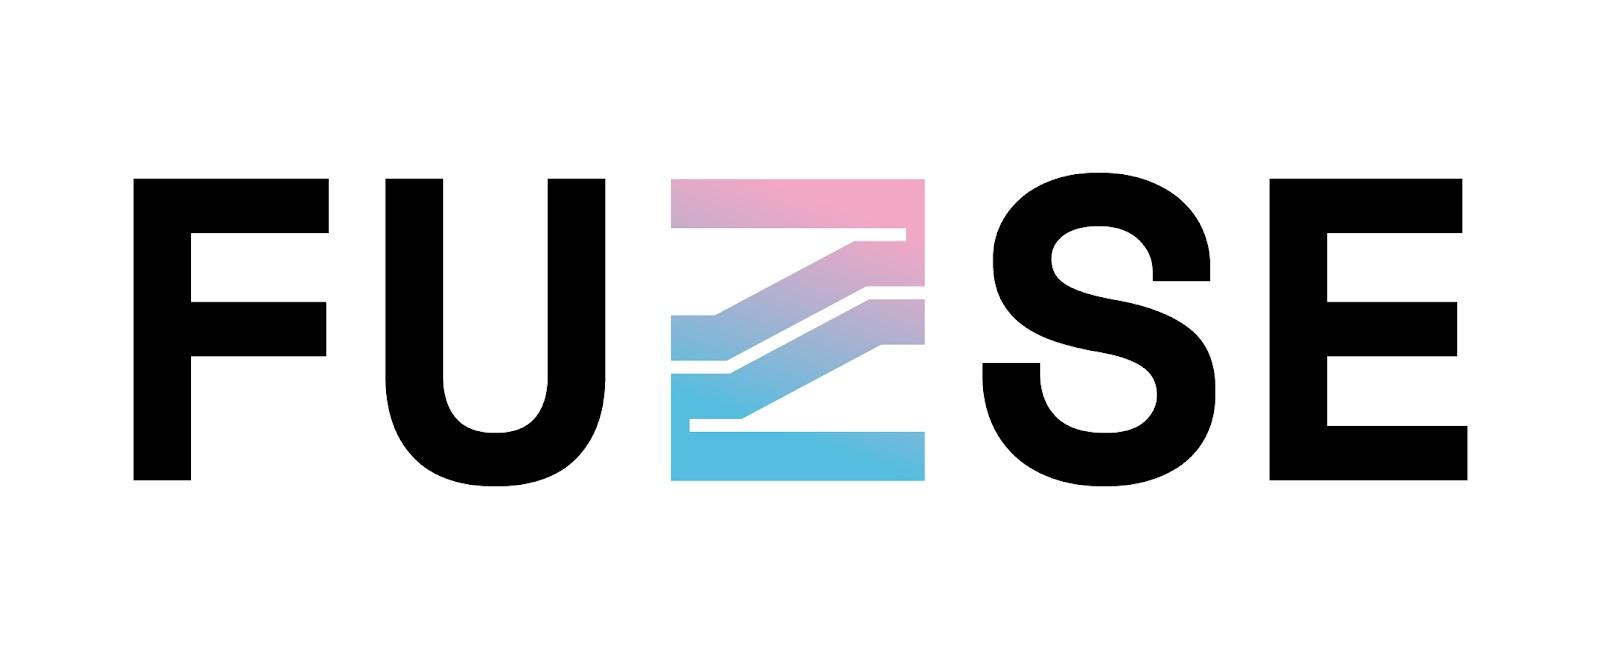 Fuzse's logo